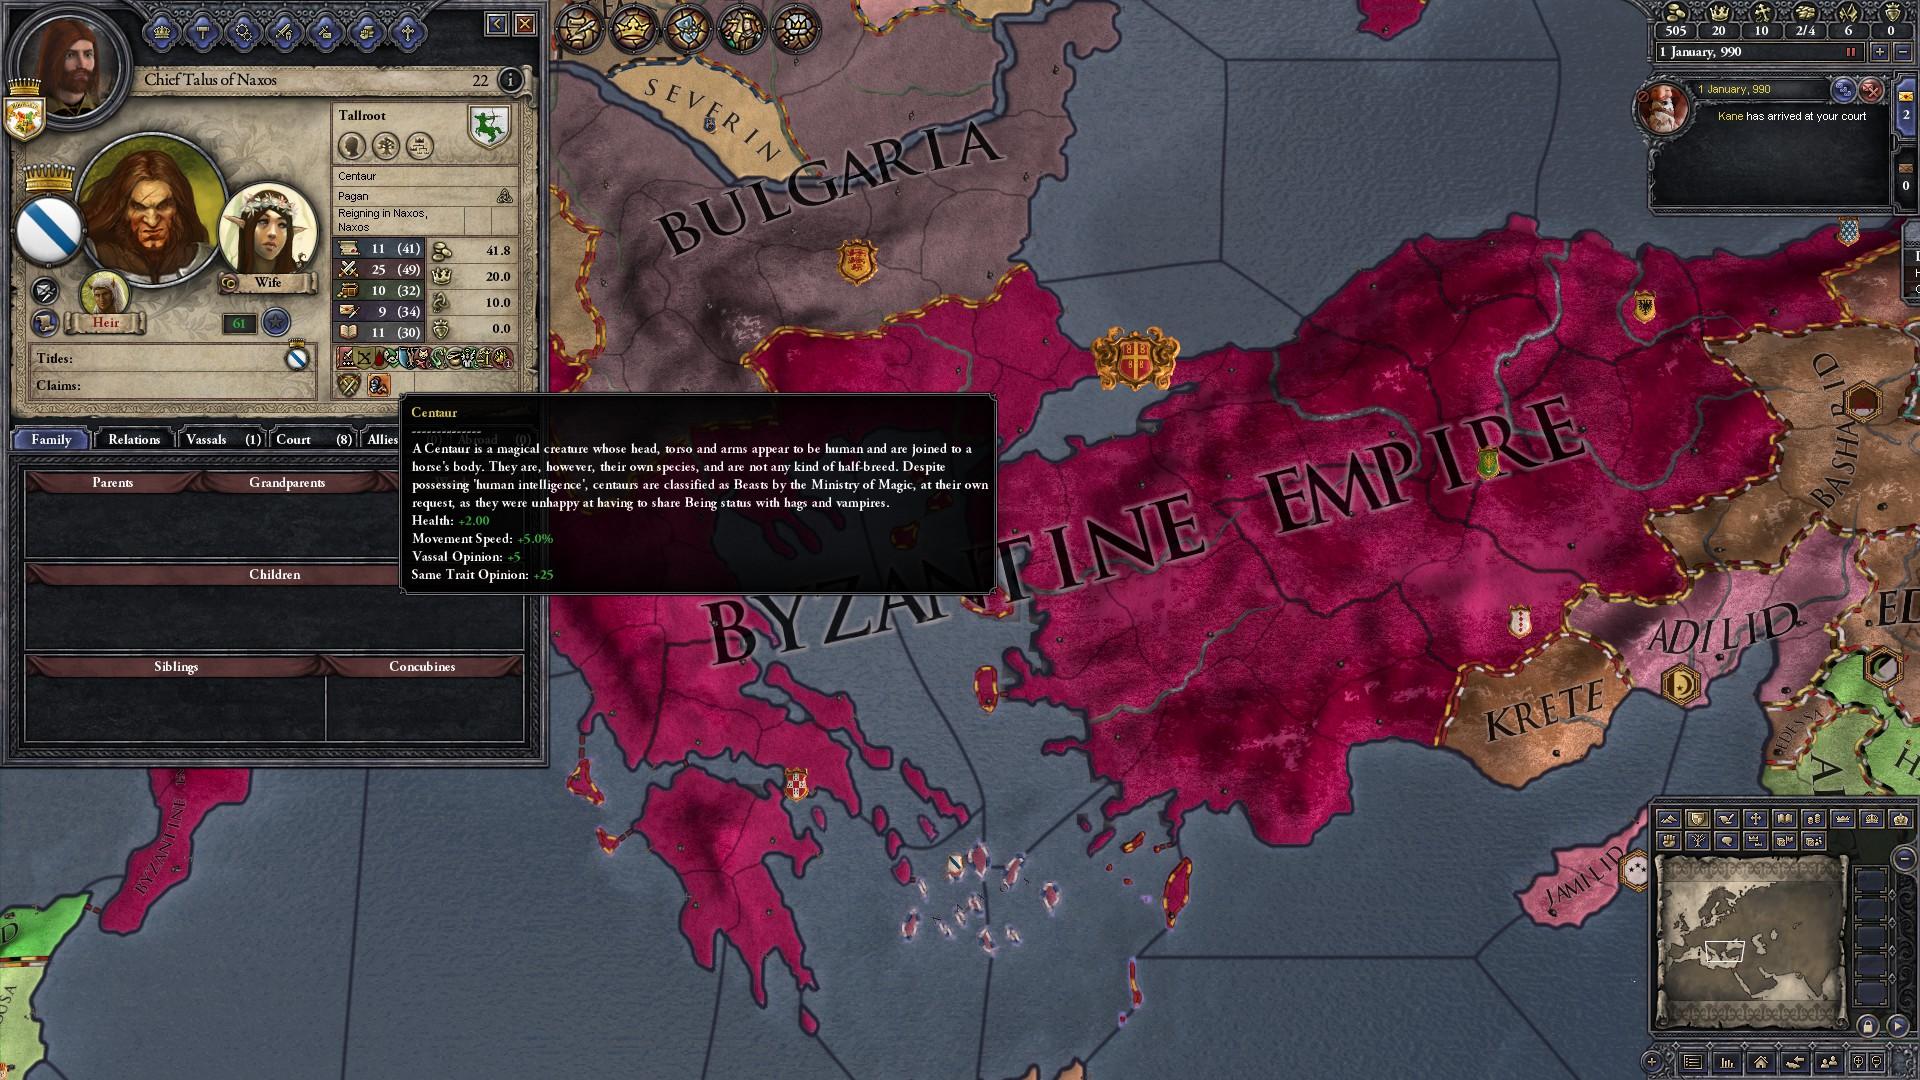 моды для crusader kings 2 2 8 1